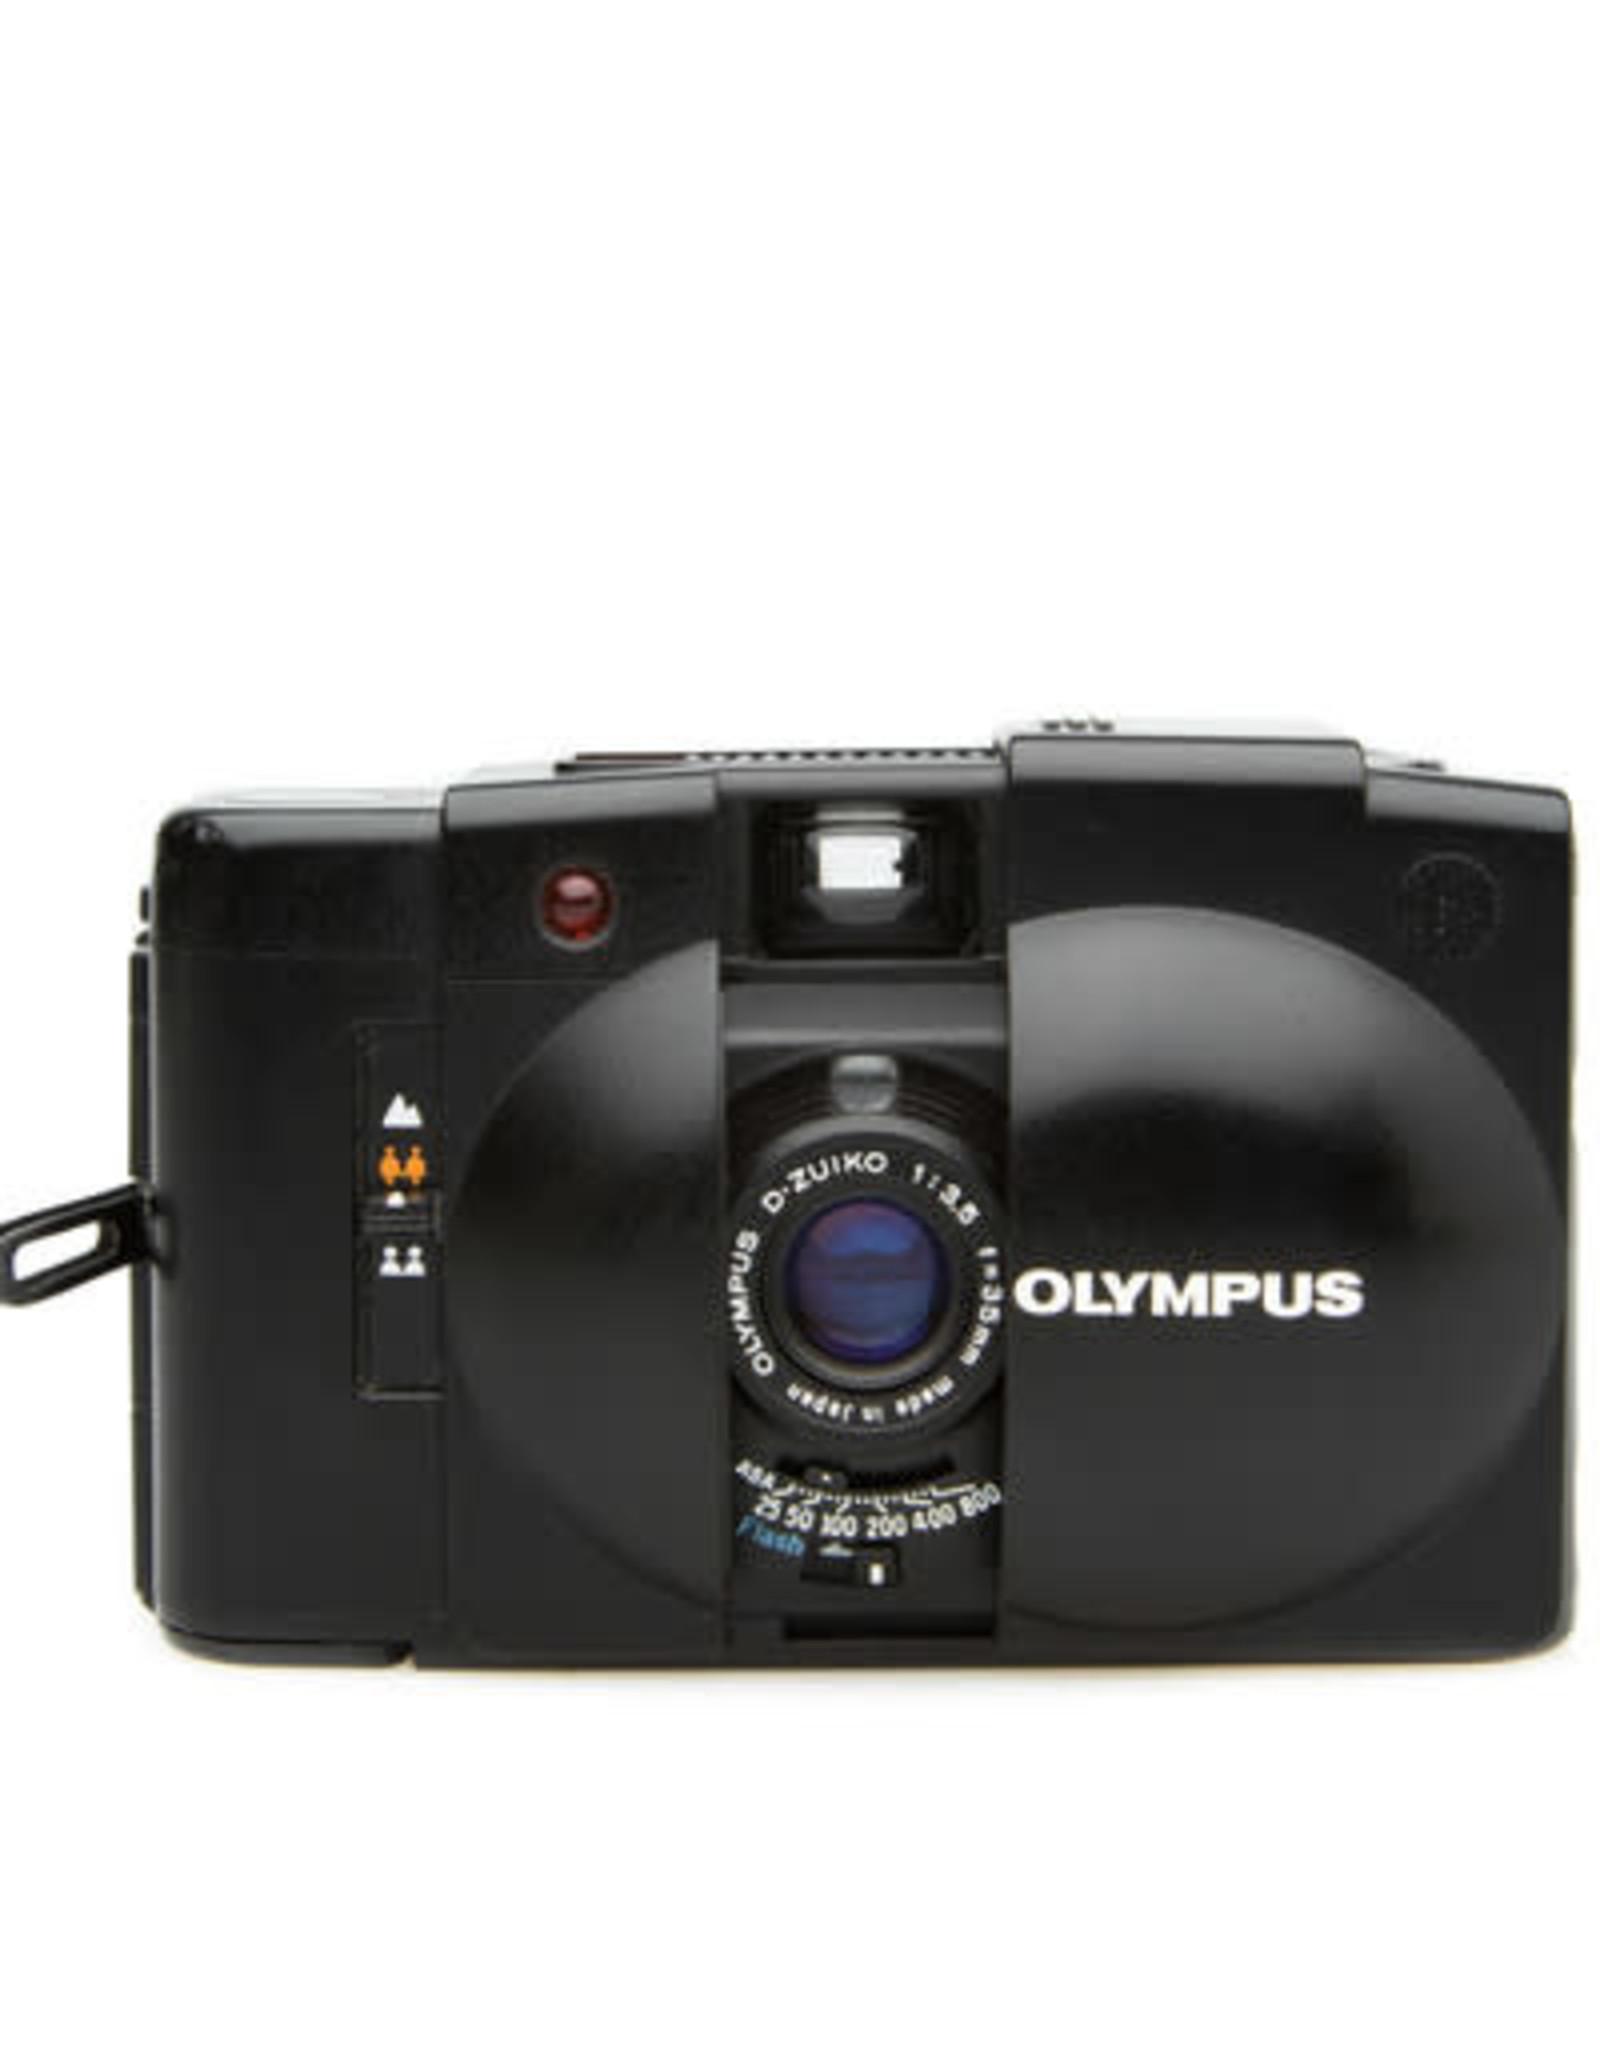 Olympus Olympus XA 3 35mm Point & Shoot Camera w/flash